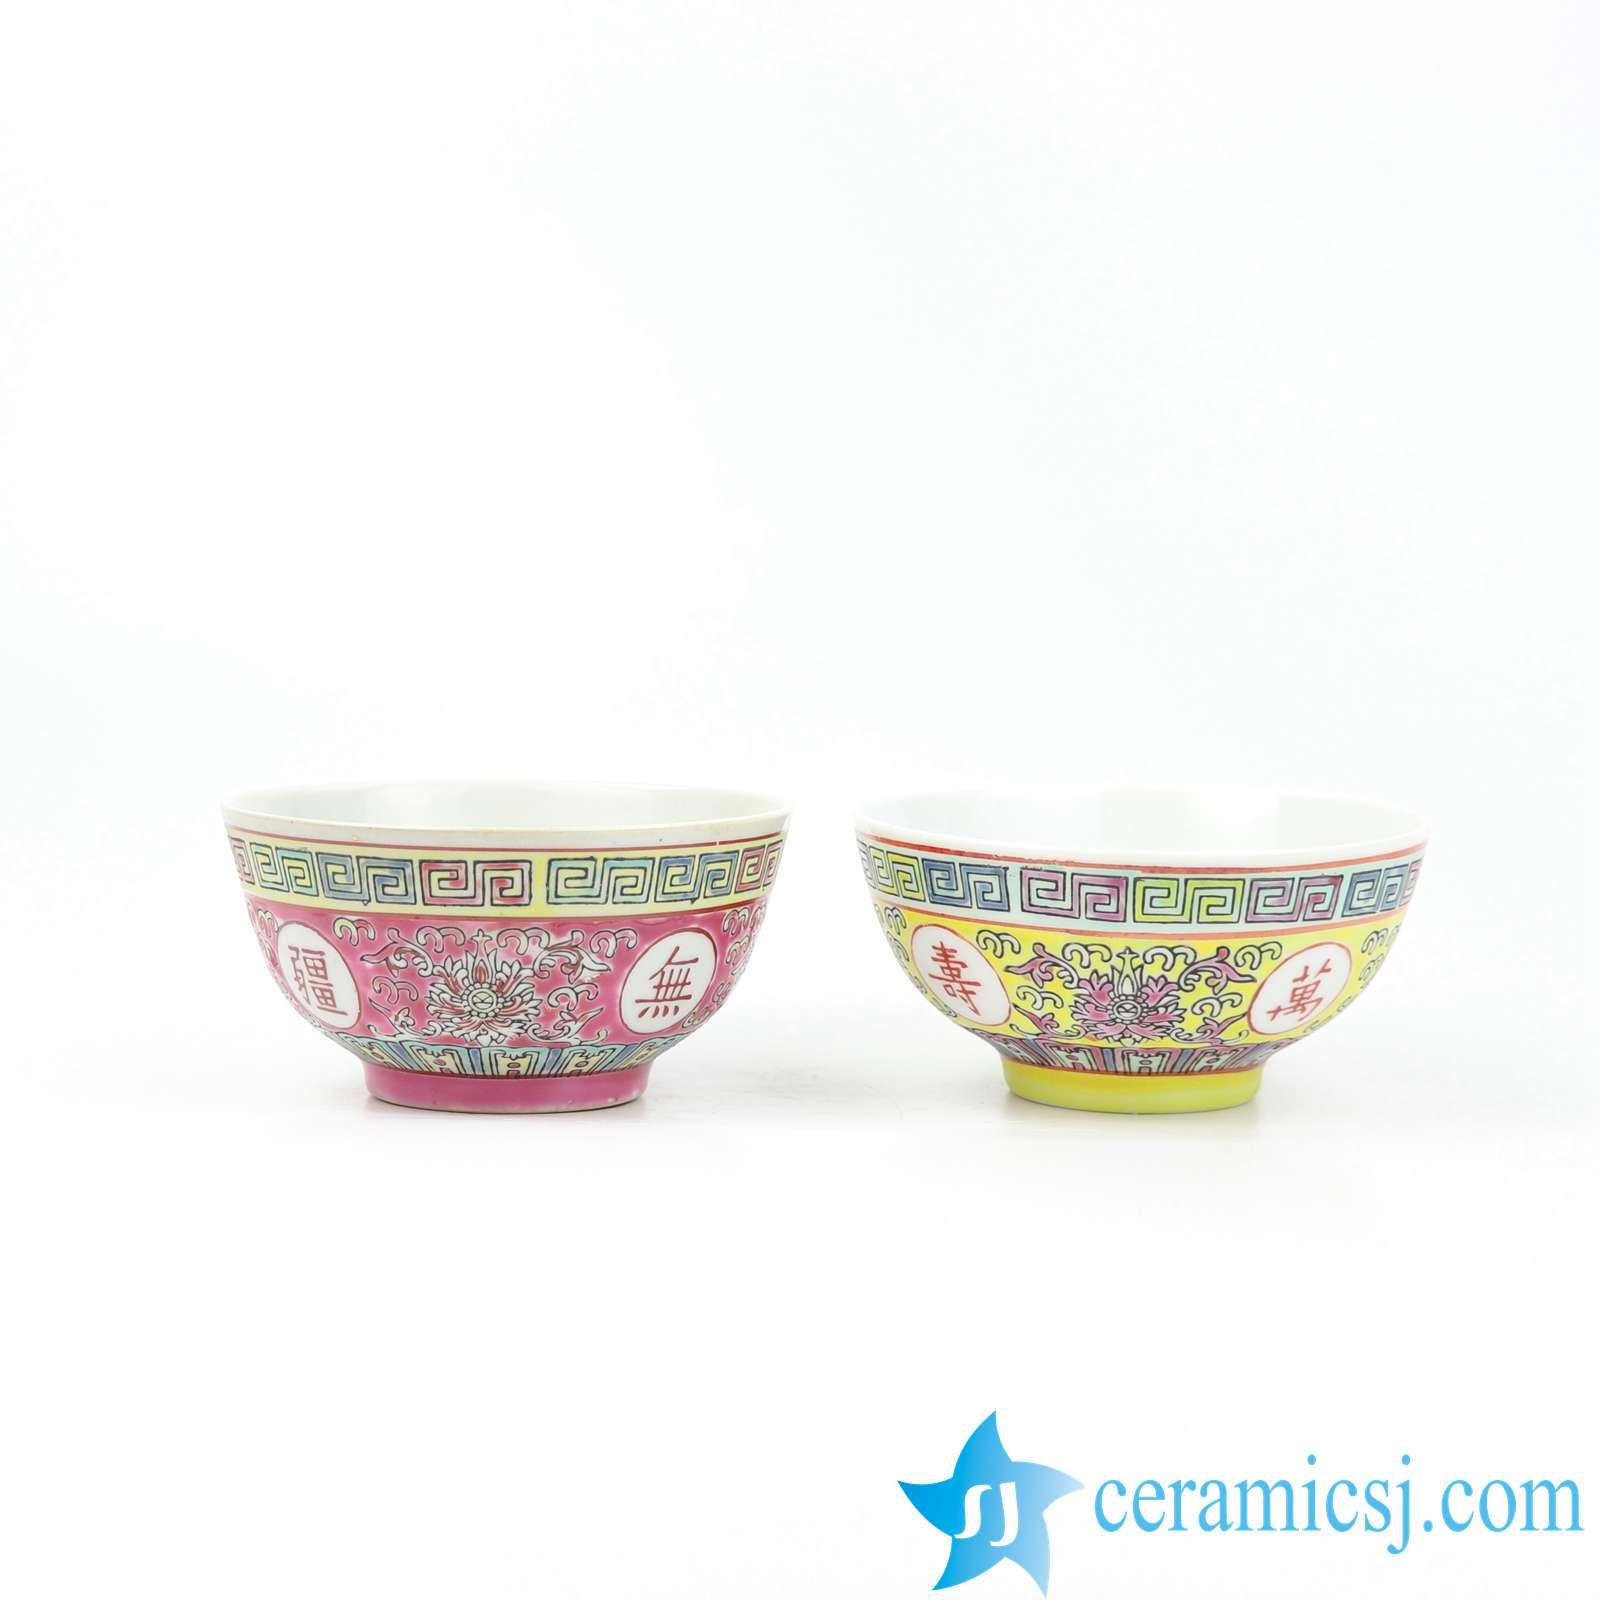 famille-rose bowl